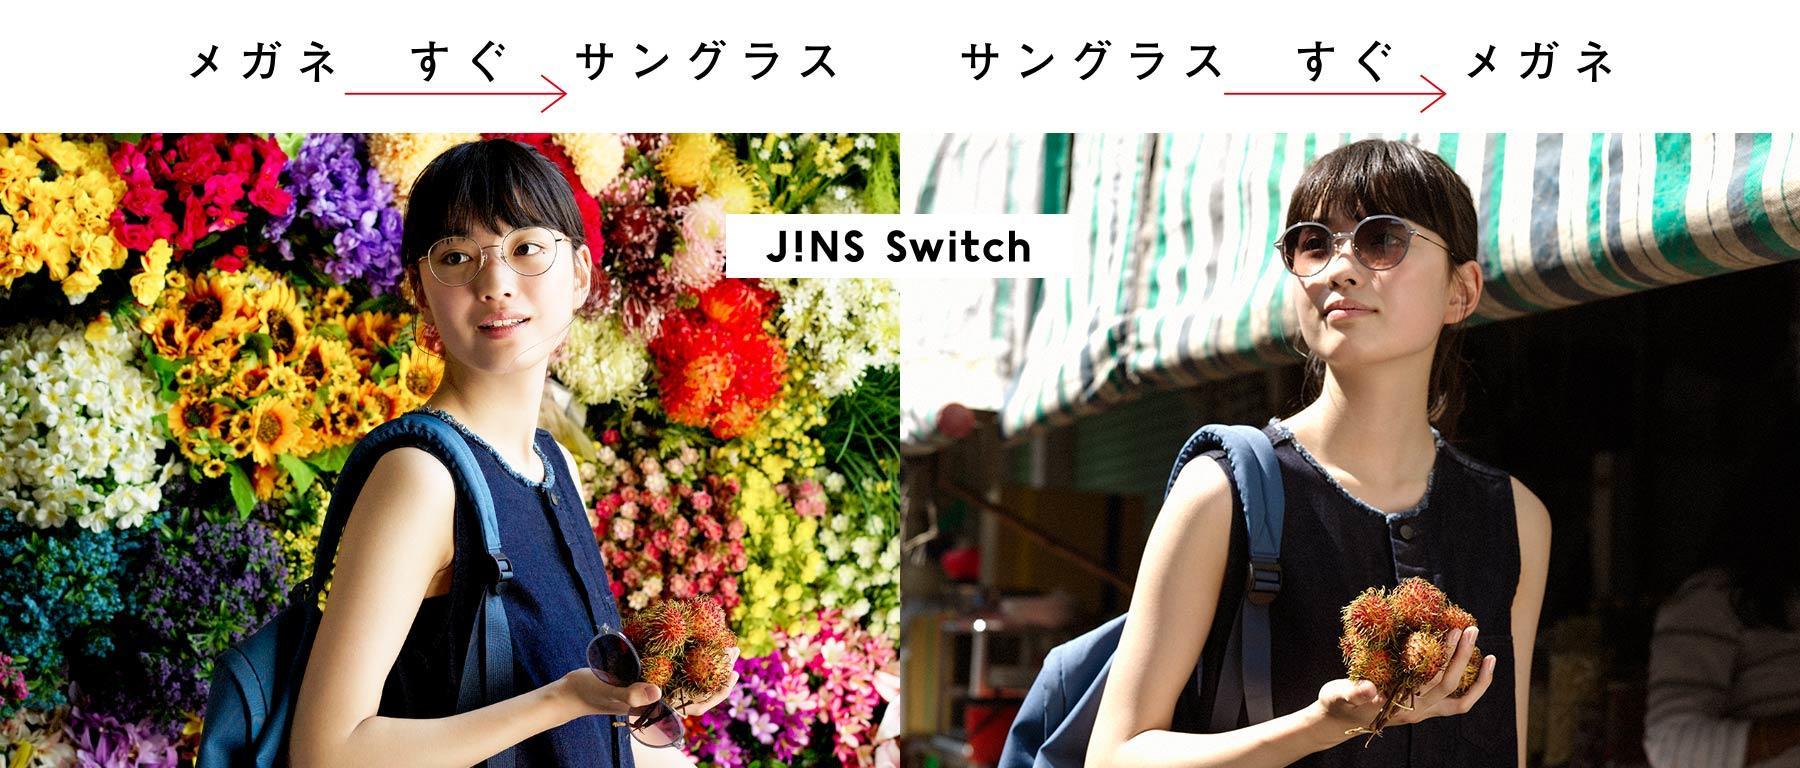 1本でメガネにもサングラスにもスイッチする『JINS Switch』発売!